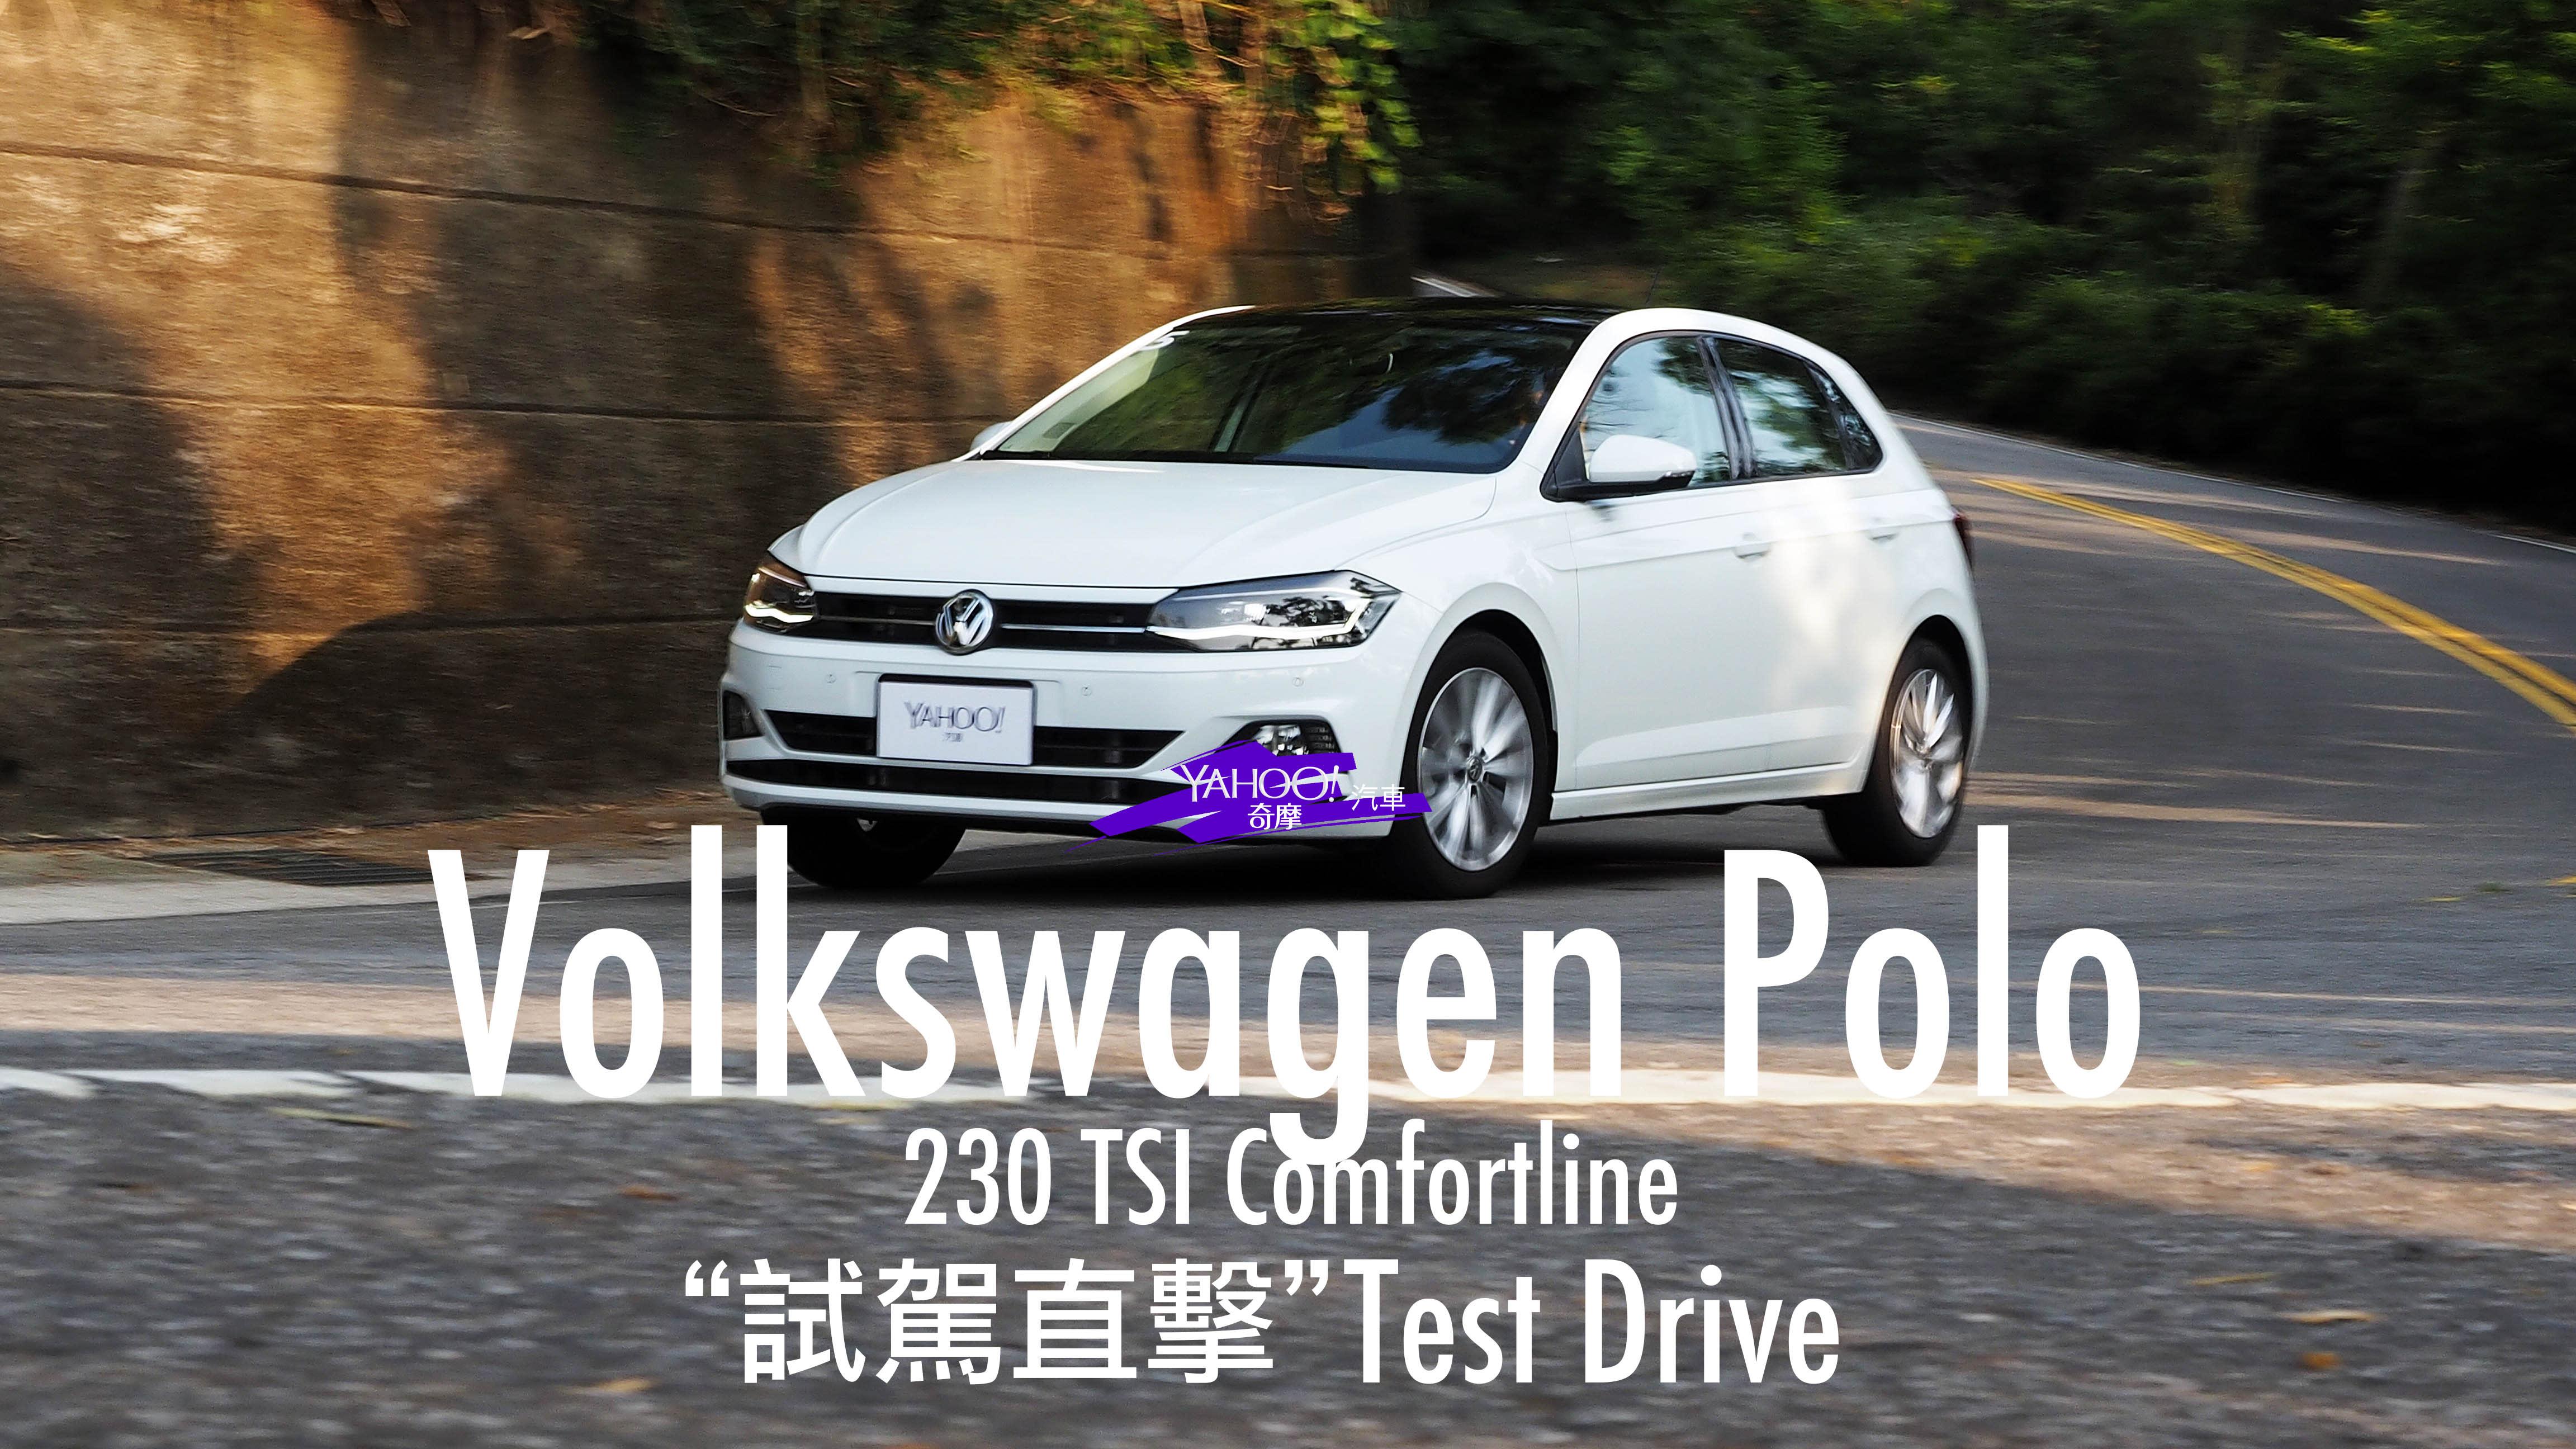 【試駕直擊】小得有理、大有看頭!Volkswagen第6代Polo淡水試駕